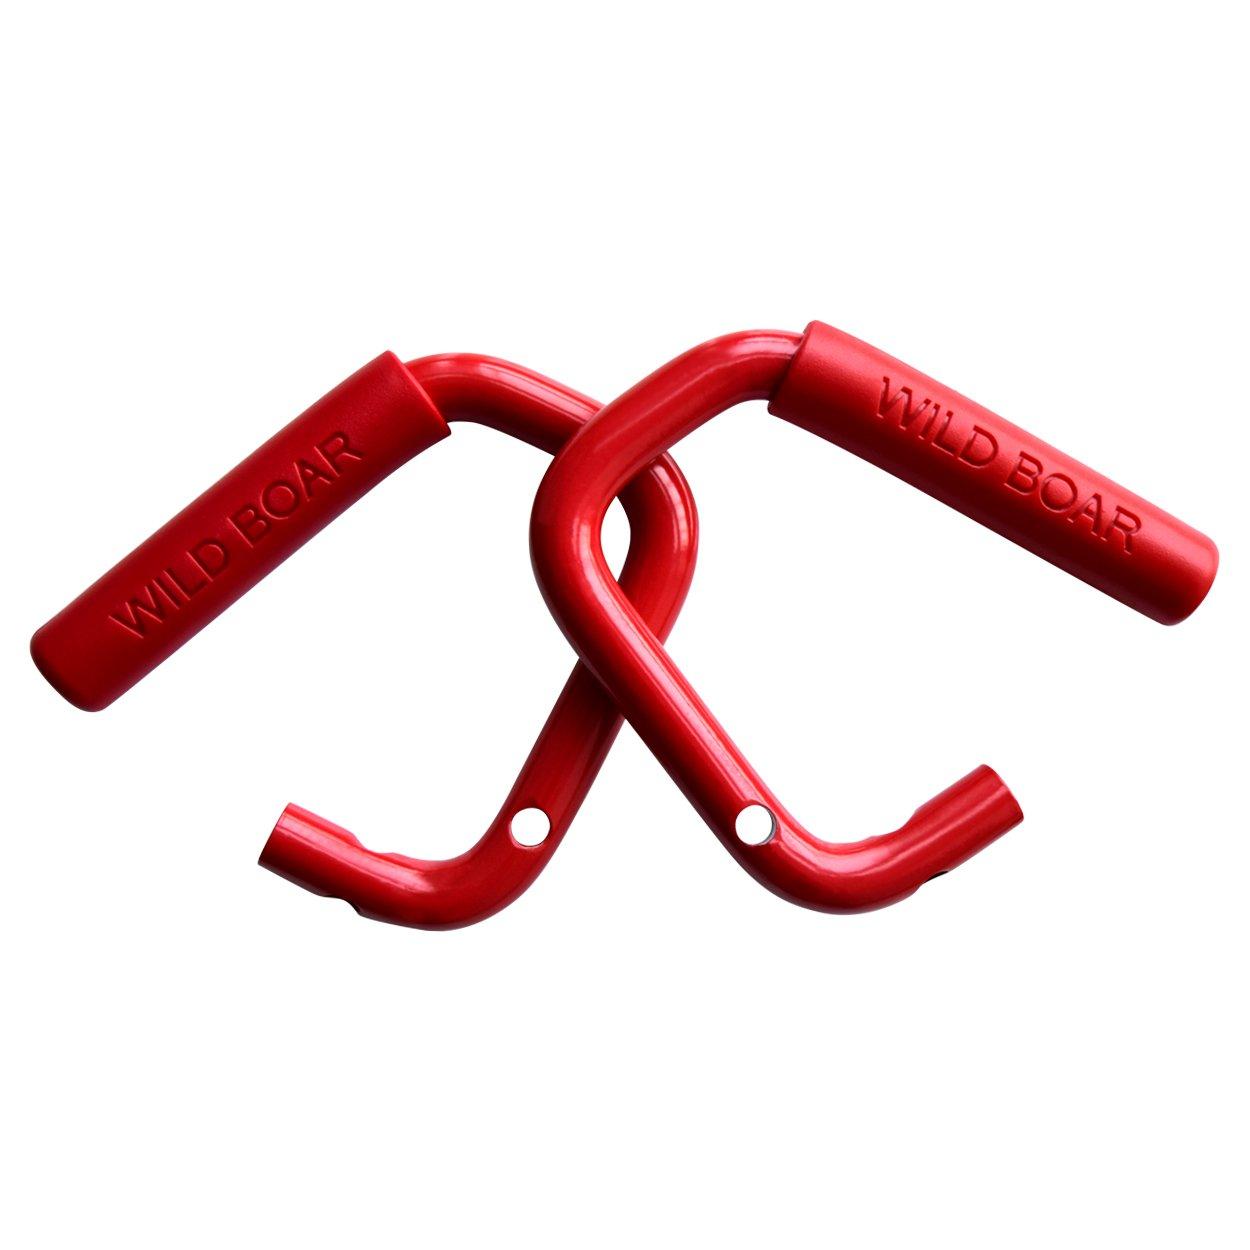 Allinoneparts Red Grab Bar Front Grab Handle for Jeep JK JKU Wrangler Unlimited Accessories 2 /& 4 Door 2007-2018